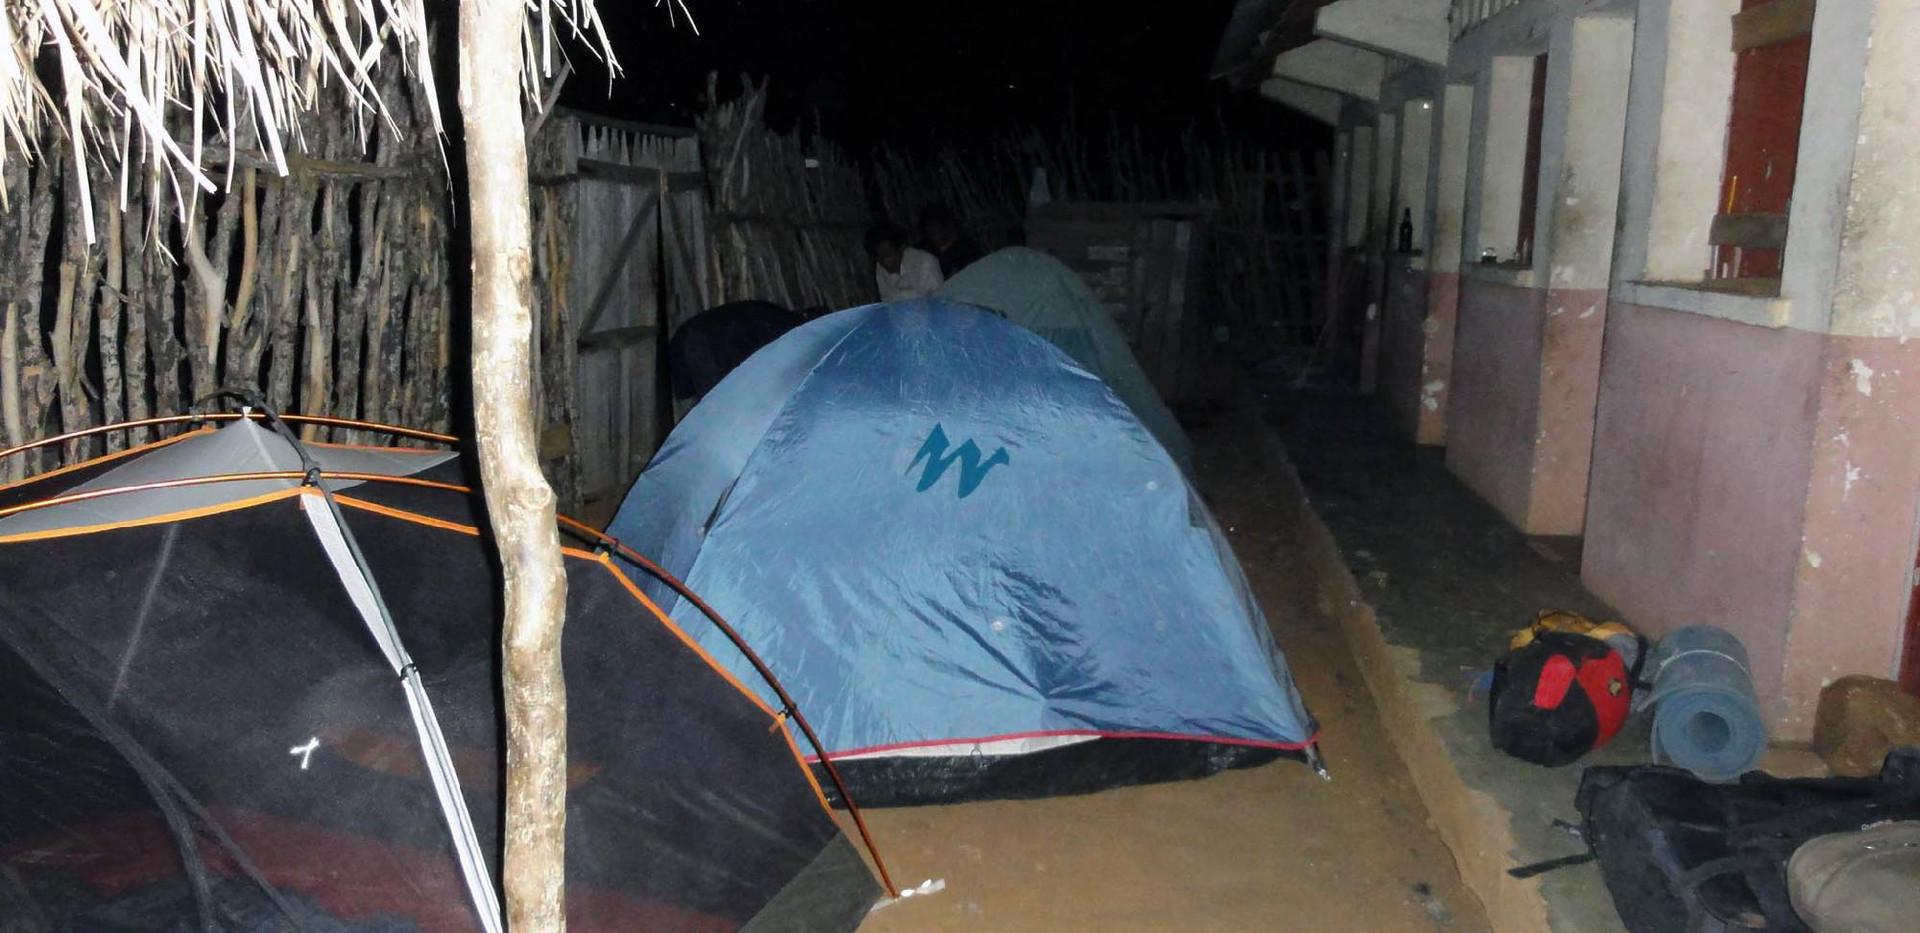 Camping at the military barracks.